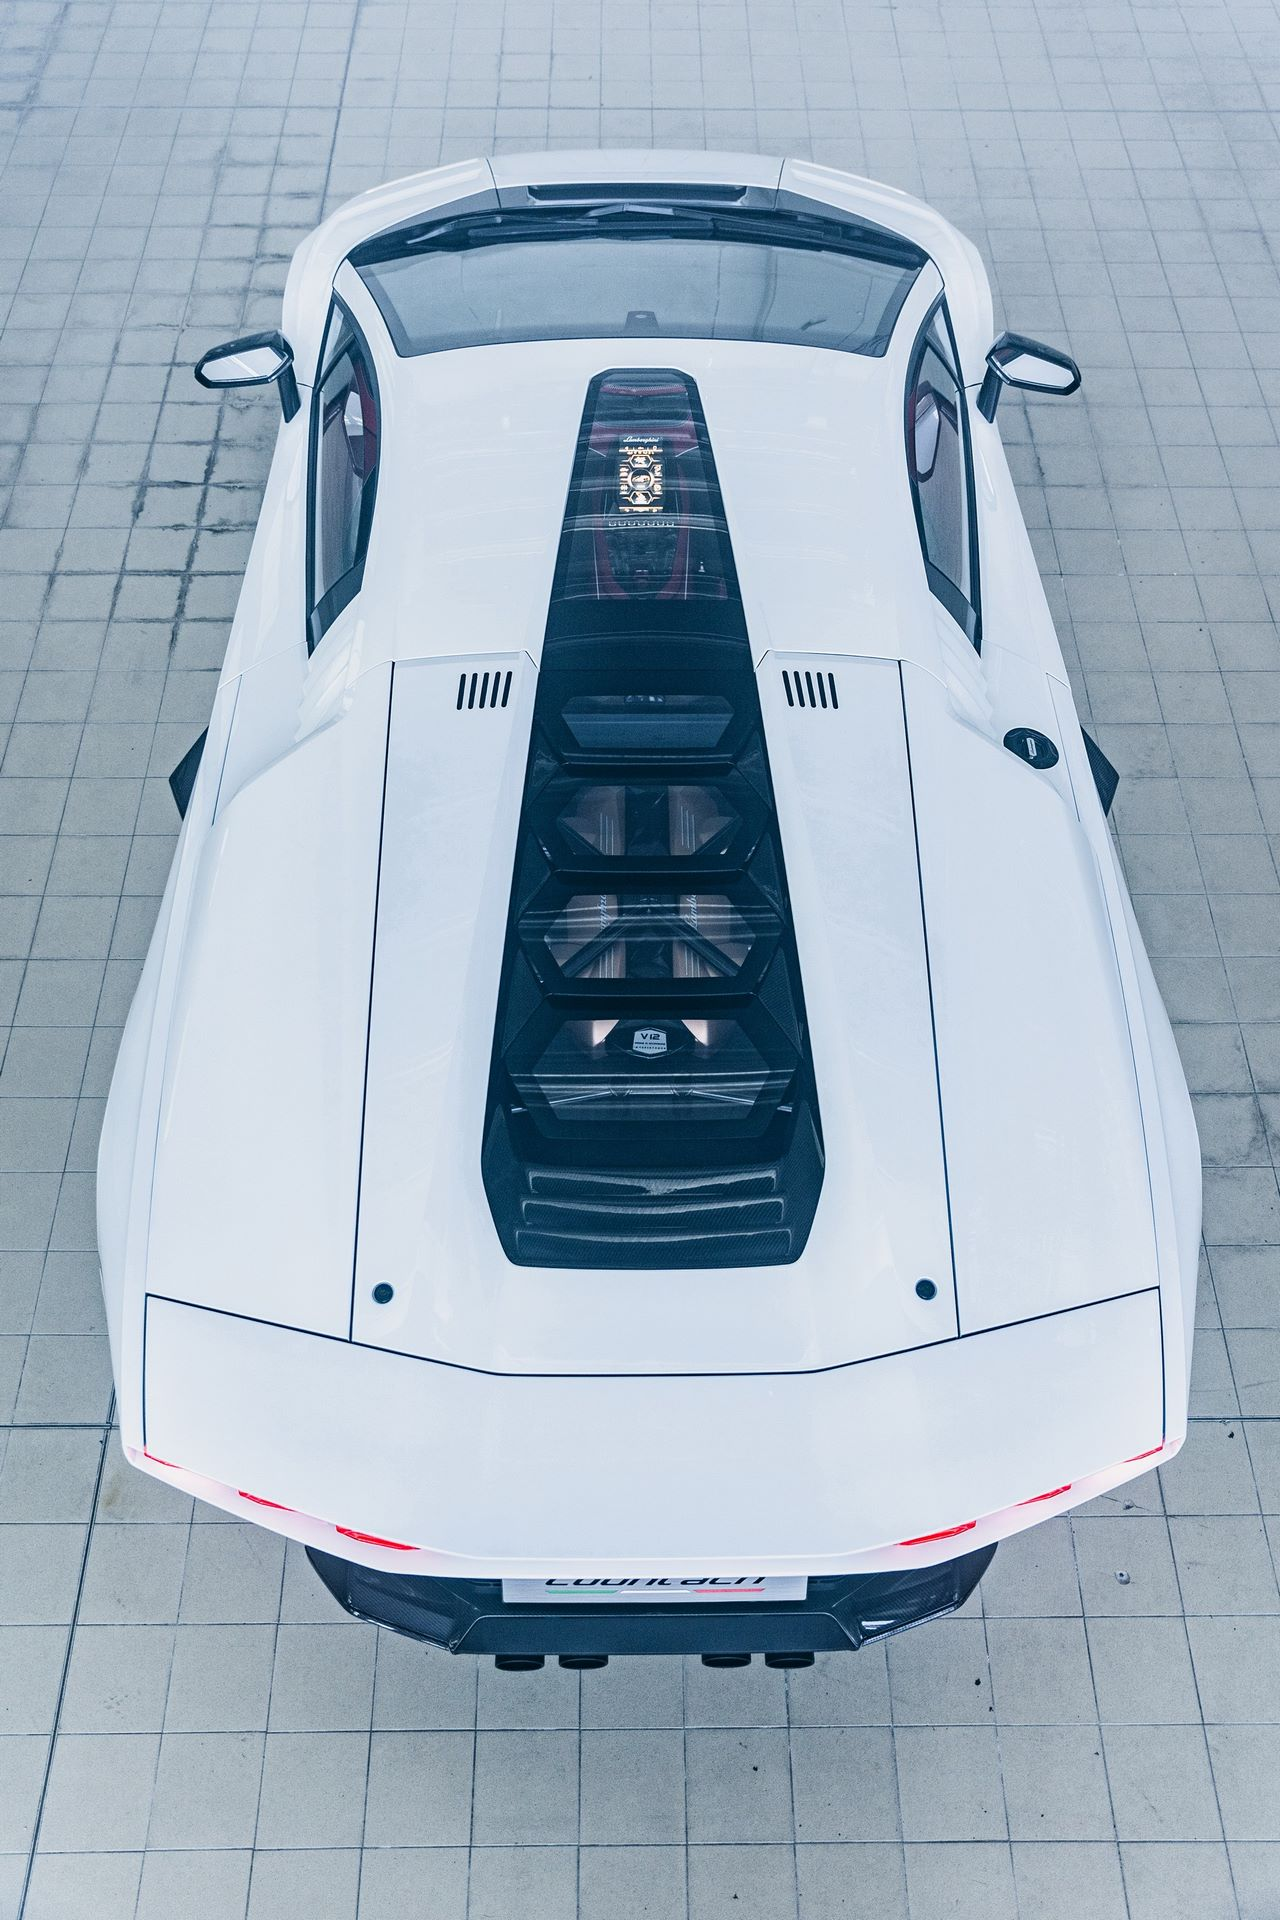 Lamborghini-Countach-LPI-800-4-58